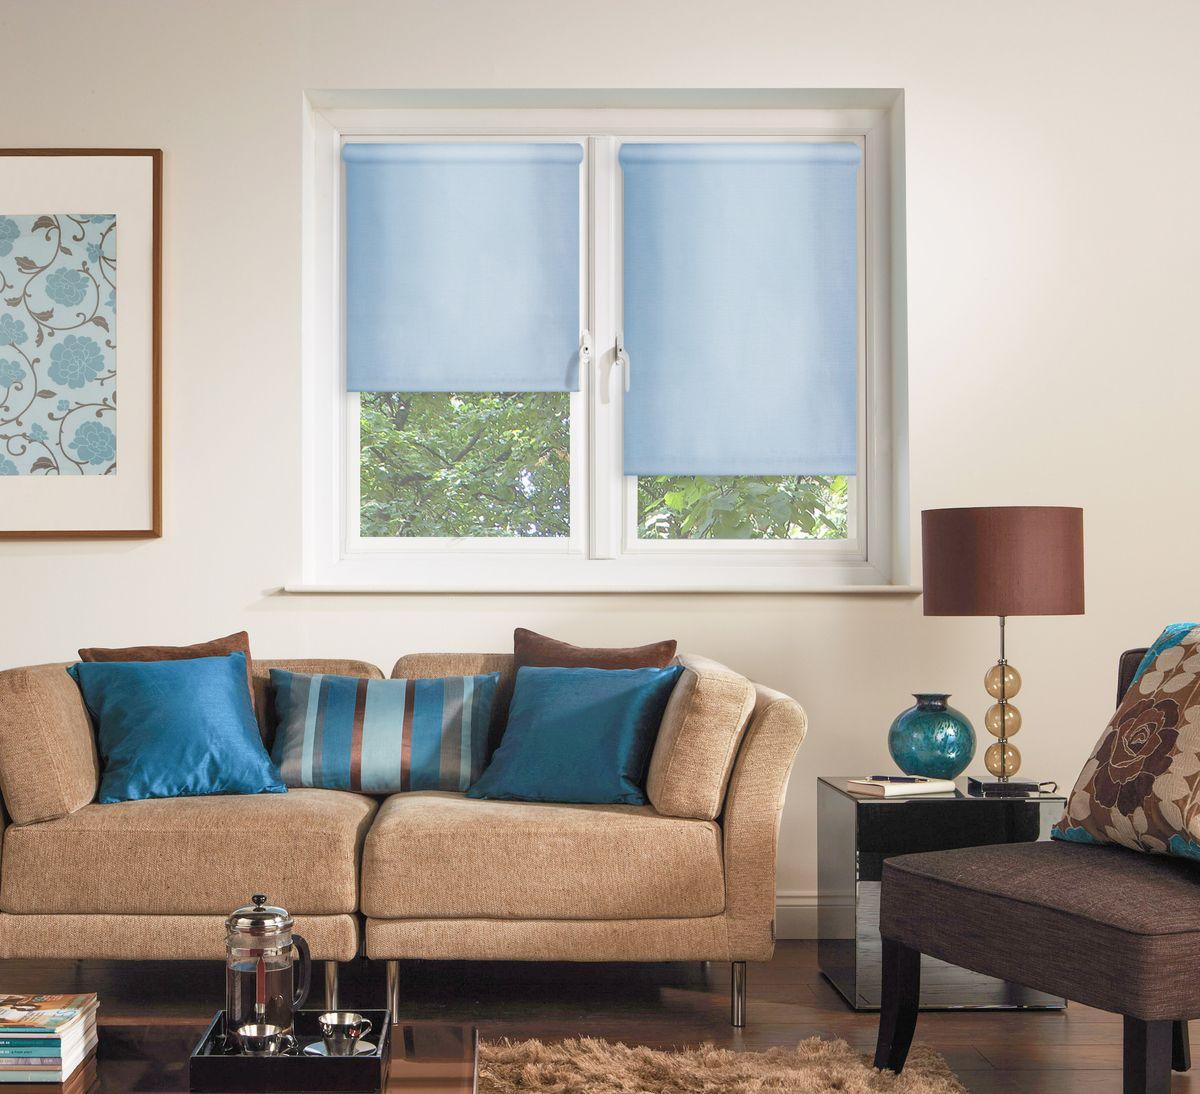 Штора рулонная Эскар Миниролло, цвет: голубой, ширина 48 см, высота 170 см34109090170Рулонная штора Эскар Миниролло выполнена из высокопрочной ткани, которая сохраняет свой размер даже при намокании. Ткань не выцветает и обладает отличной цветоустойчивостью.Миниролло - это подвид рулонных штор, который закрывает не весь оконный проем, а непосредственно само стекло. Такие шторы крепятся на раму без сверления при помощи зажимов или клейкой двухсторонней ленты (в комплекте). Окно остается на гарантии, благодаря монтажу без сверления. Такая штора станет прекрасным элементом декора окна и гармонично впишется в интерьер любого помещения.